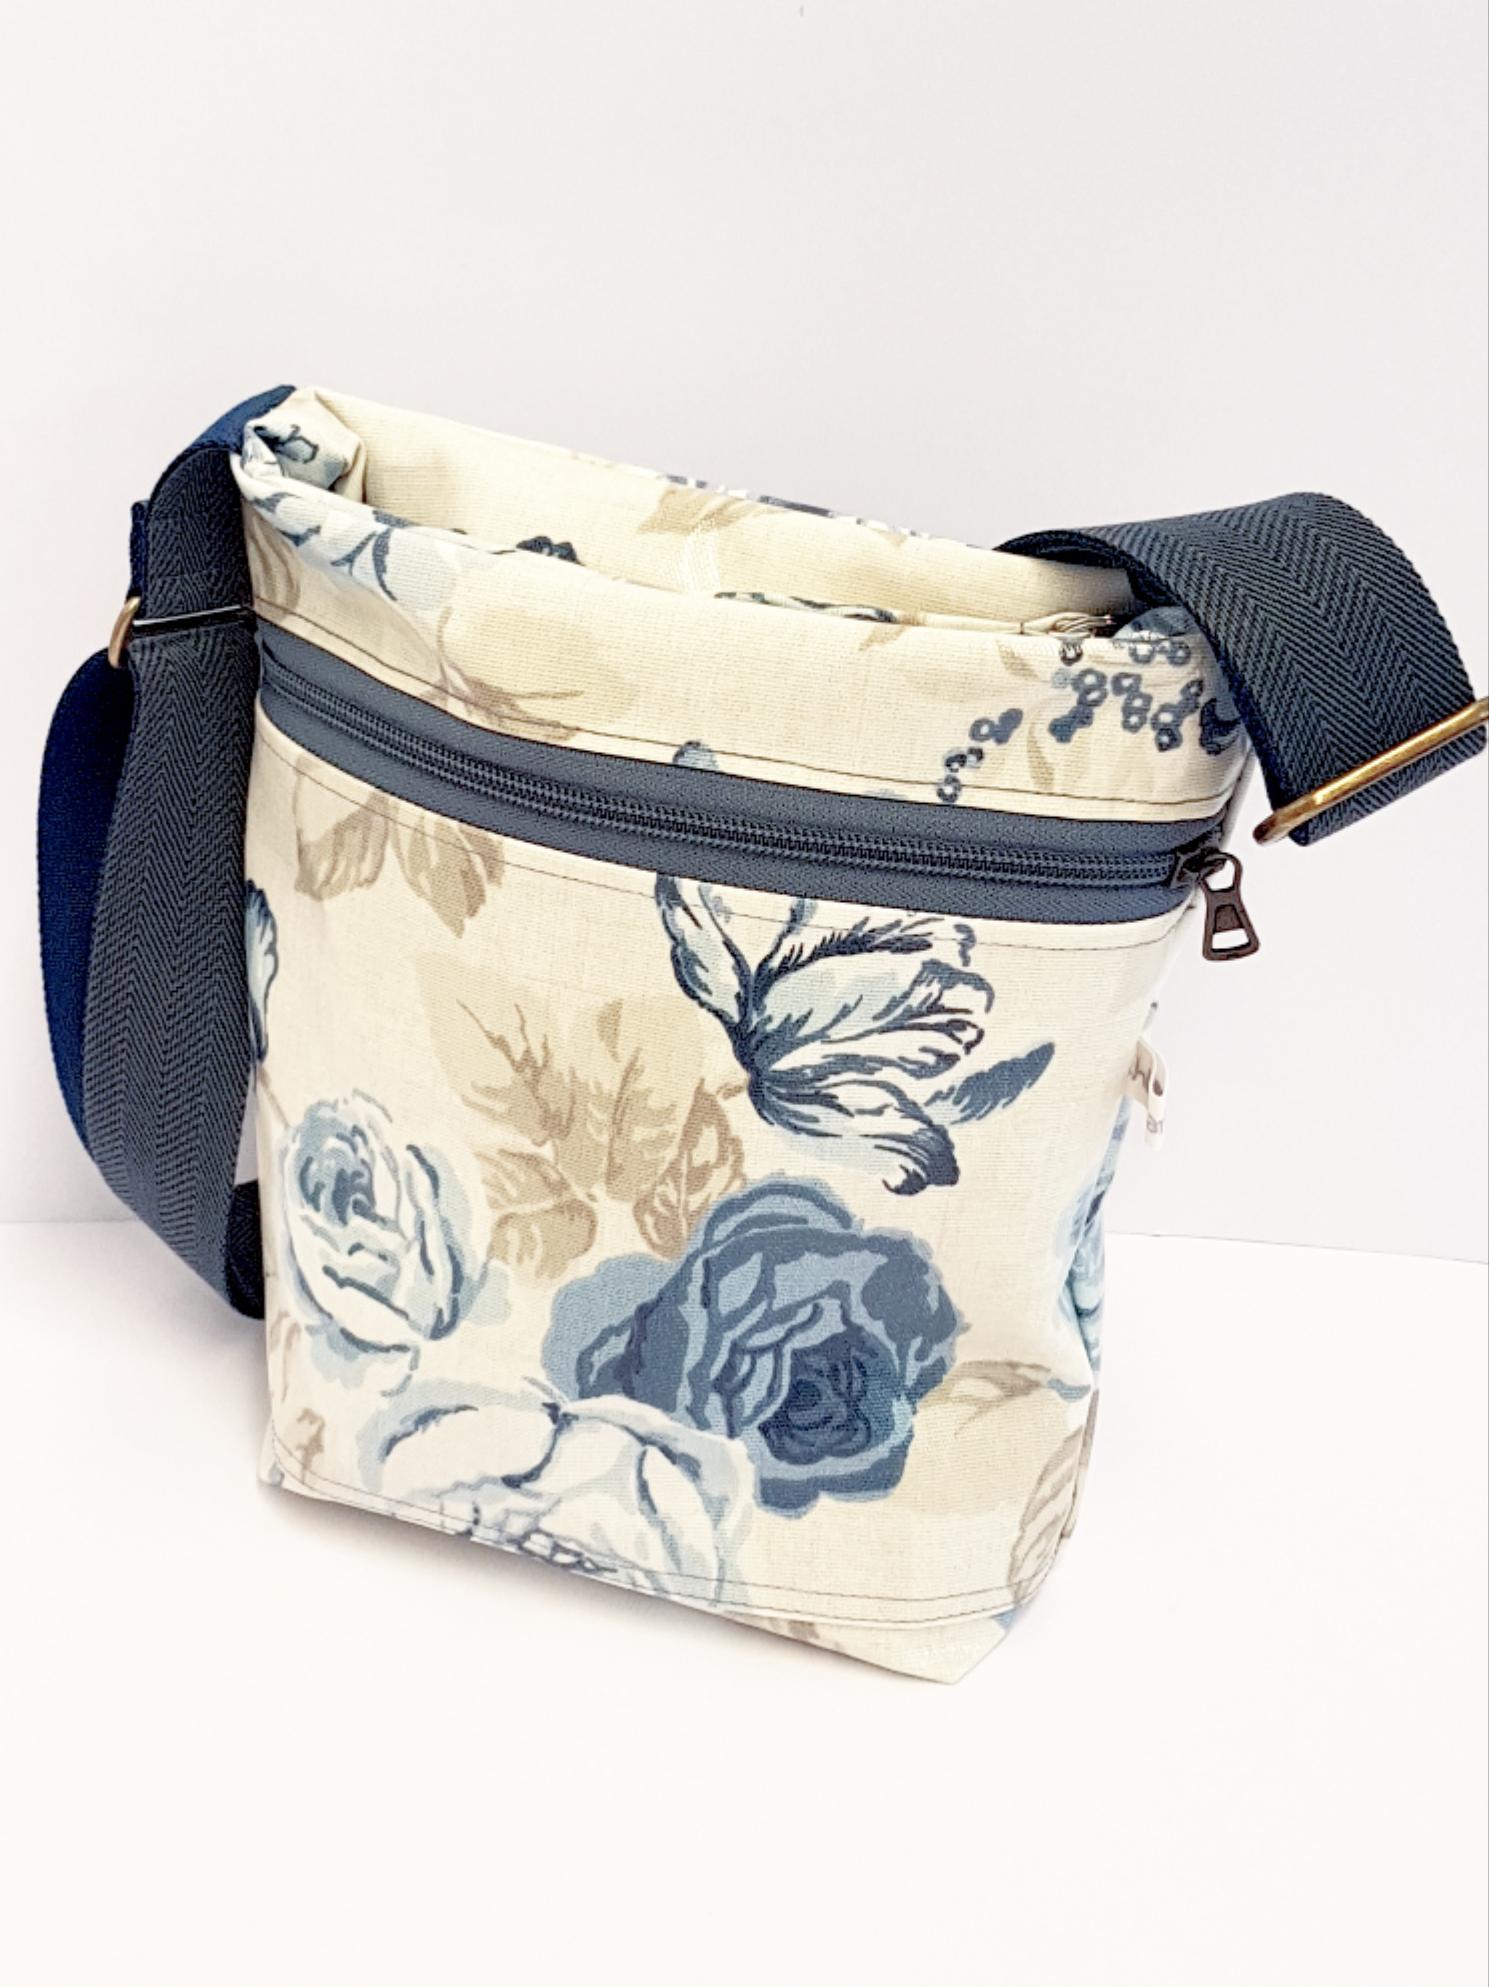 Tasche Wachstuch blaue Rosen, verkauft